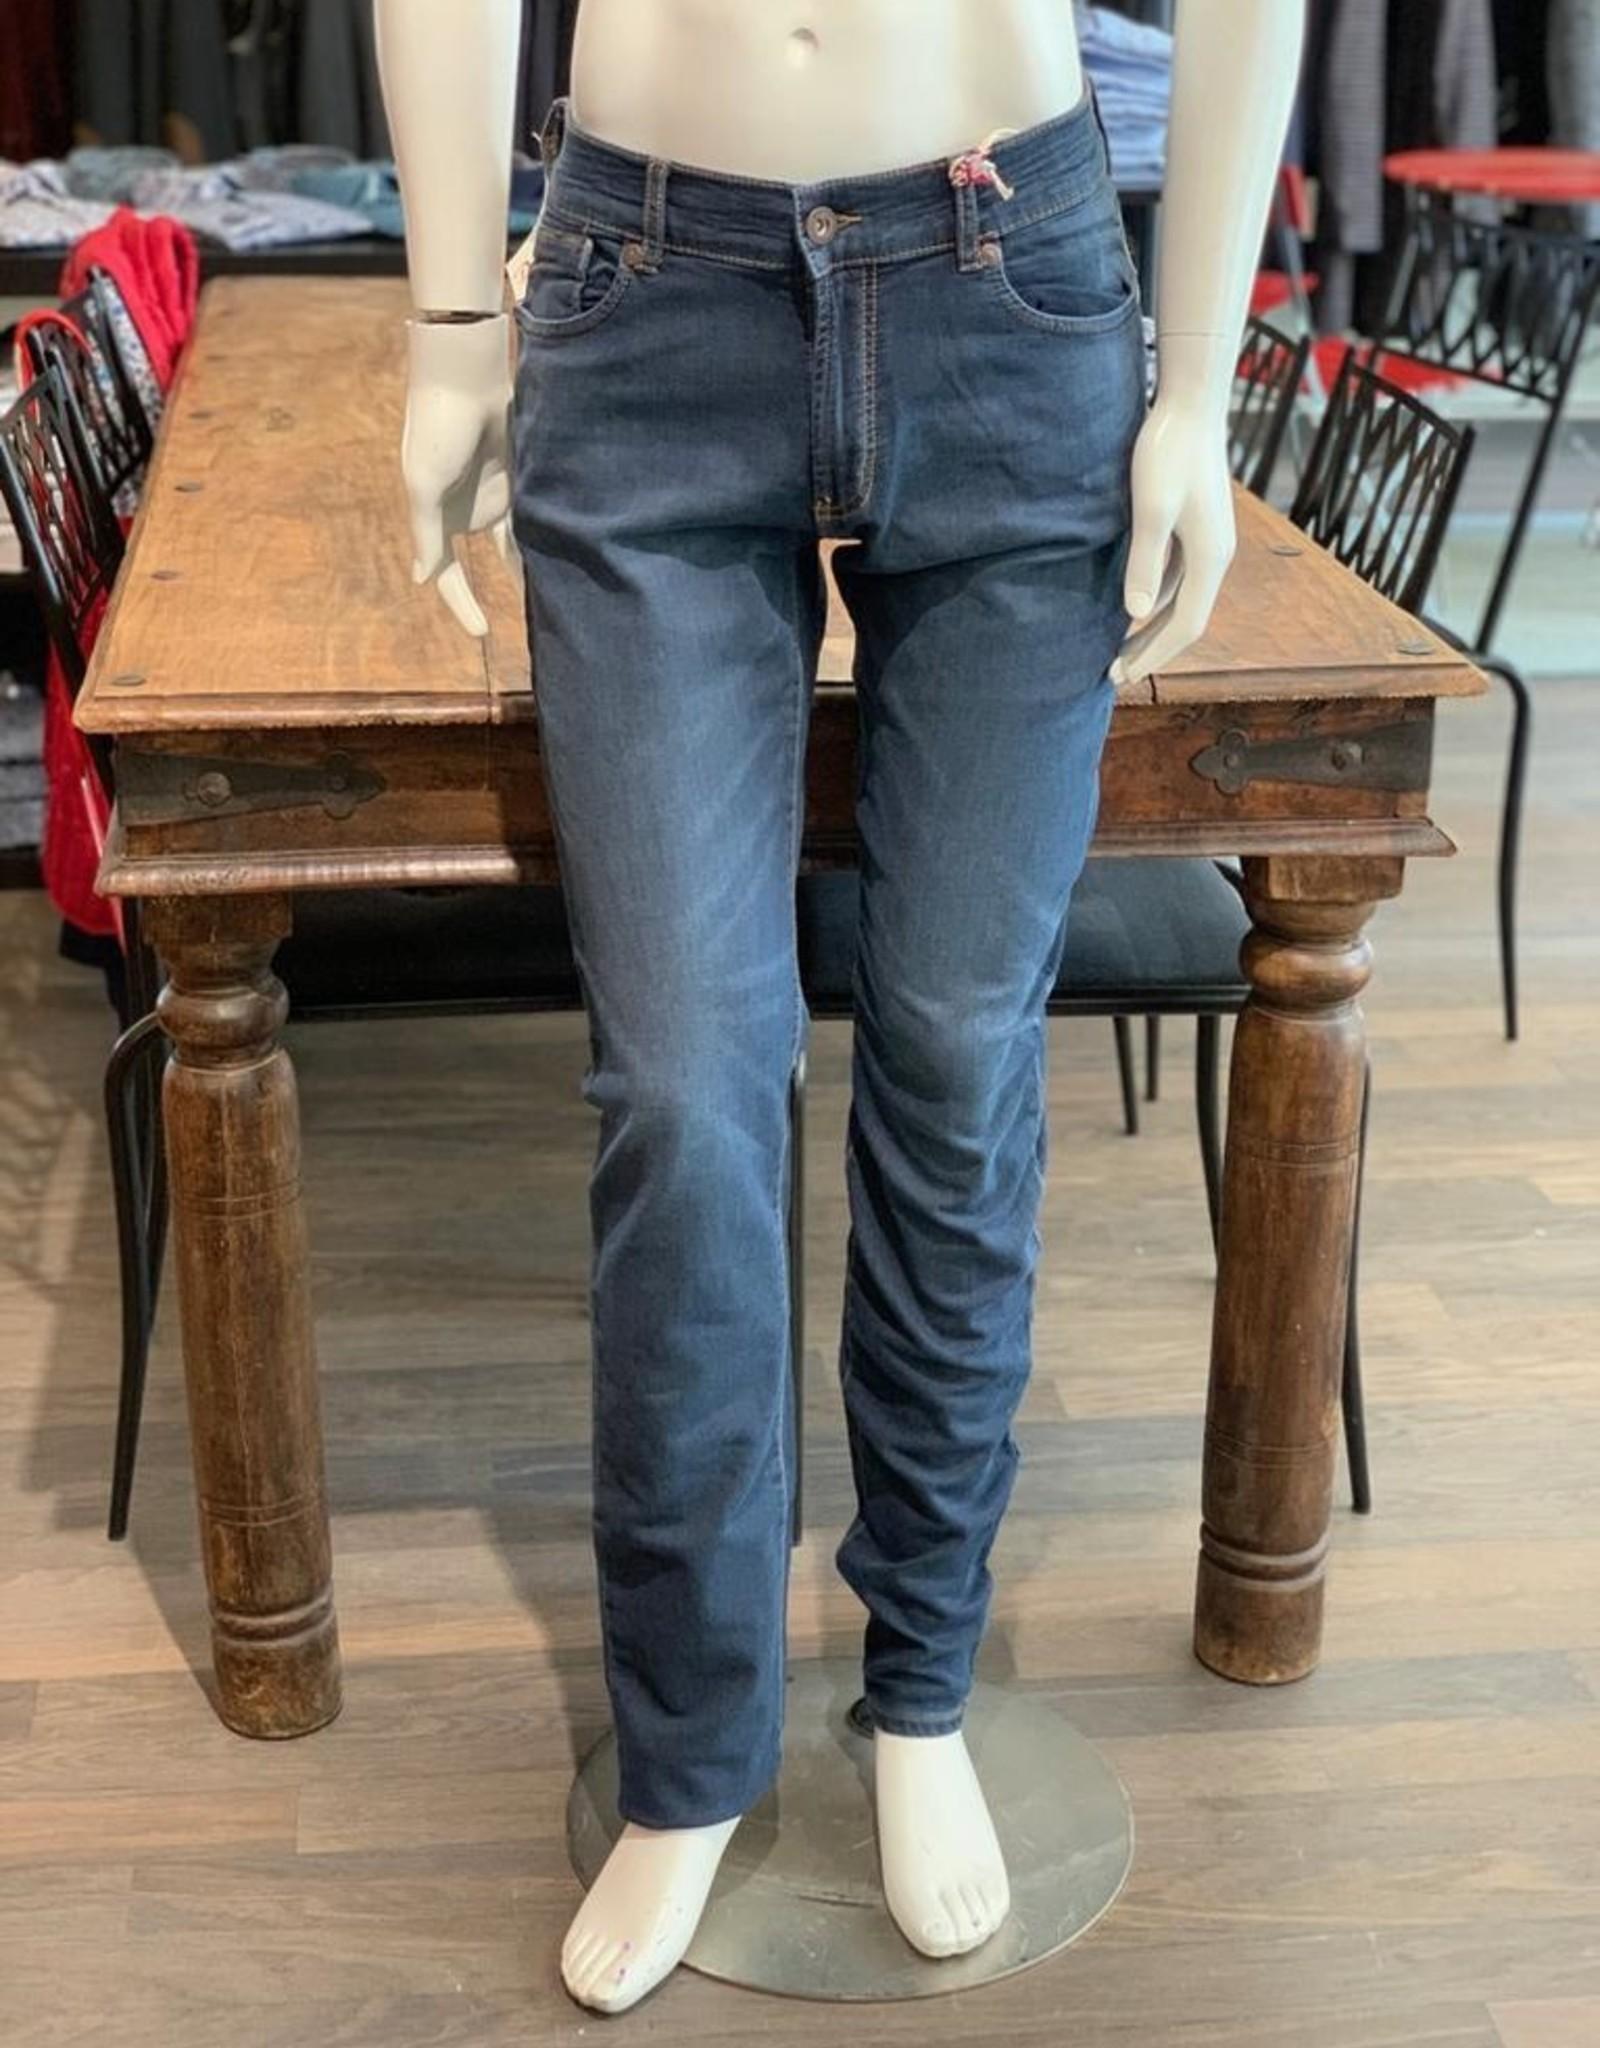 Paddock's Paddock's Herren Jeans Scott sweat denim dark vintage